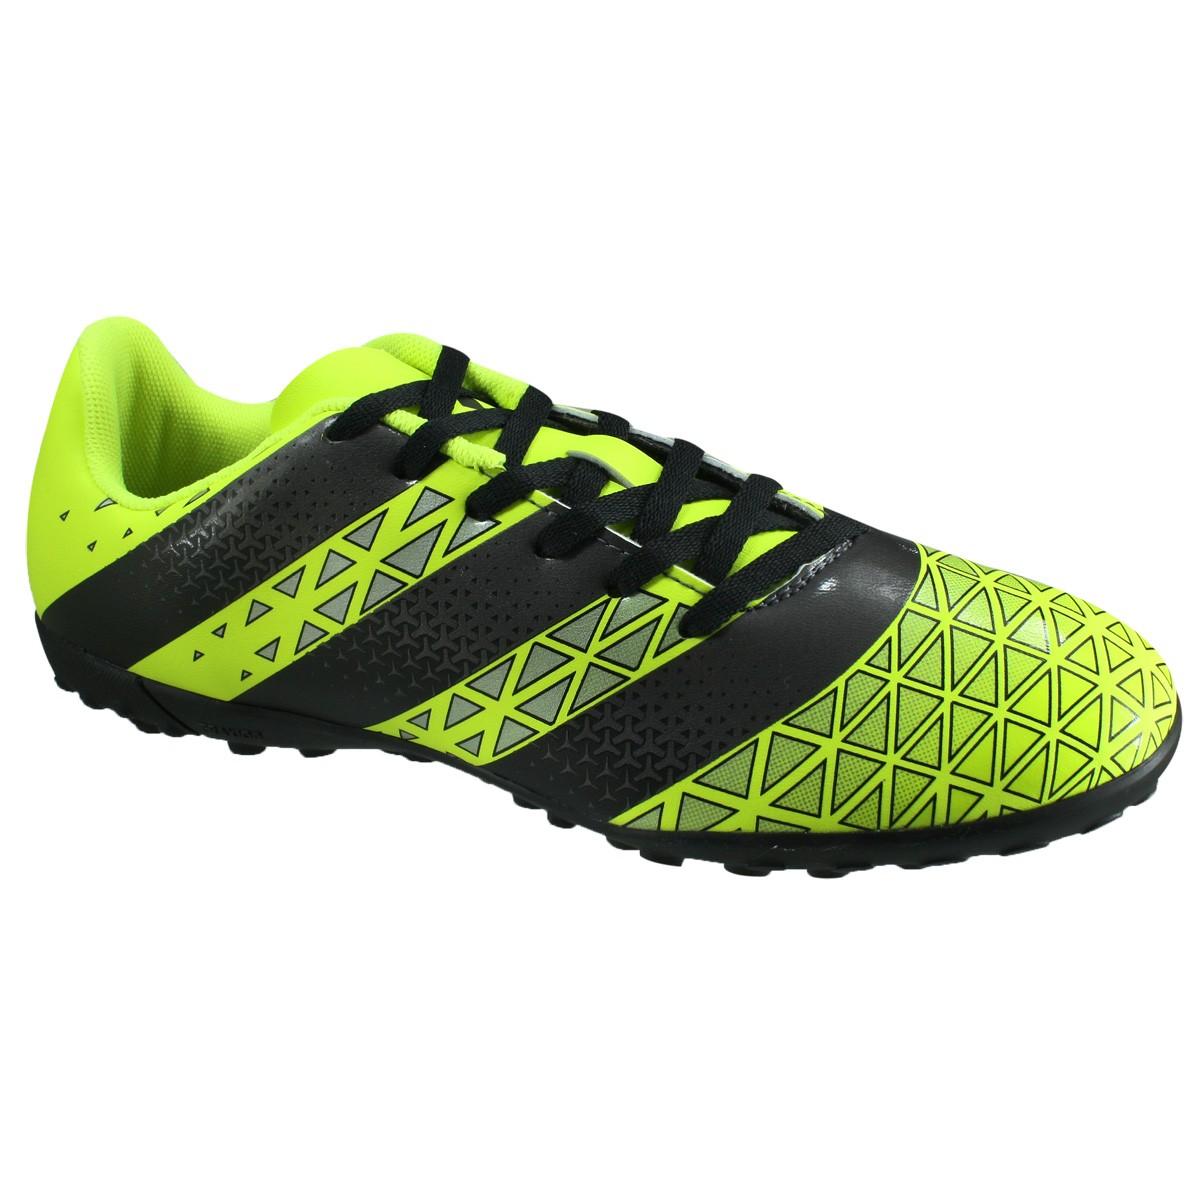 Chuteira Adidas Artilheira TF F7 H68343 - Verde Preto - Botas Online ... 37c48284ddcf8